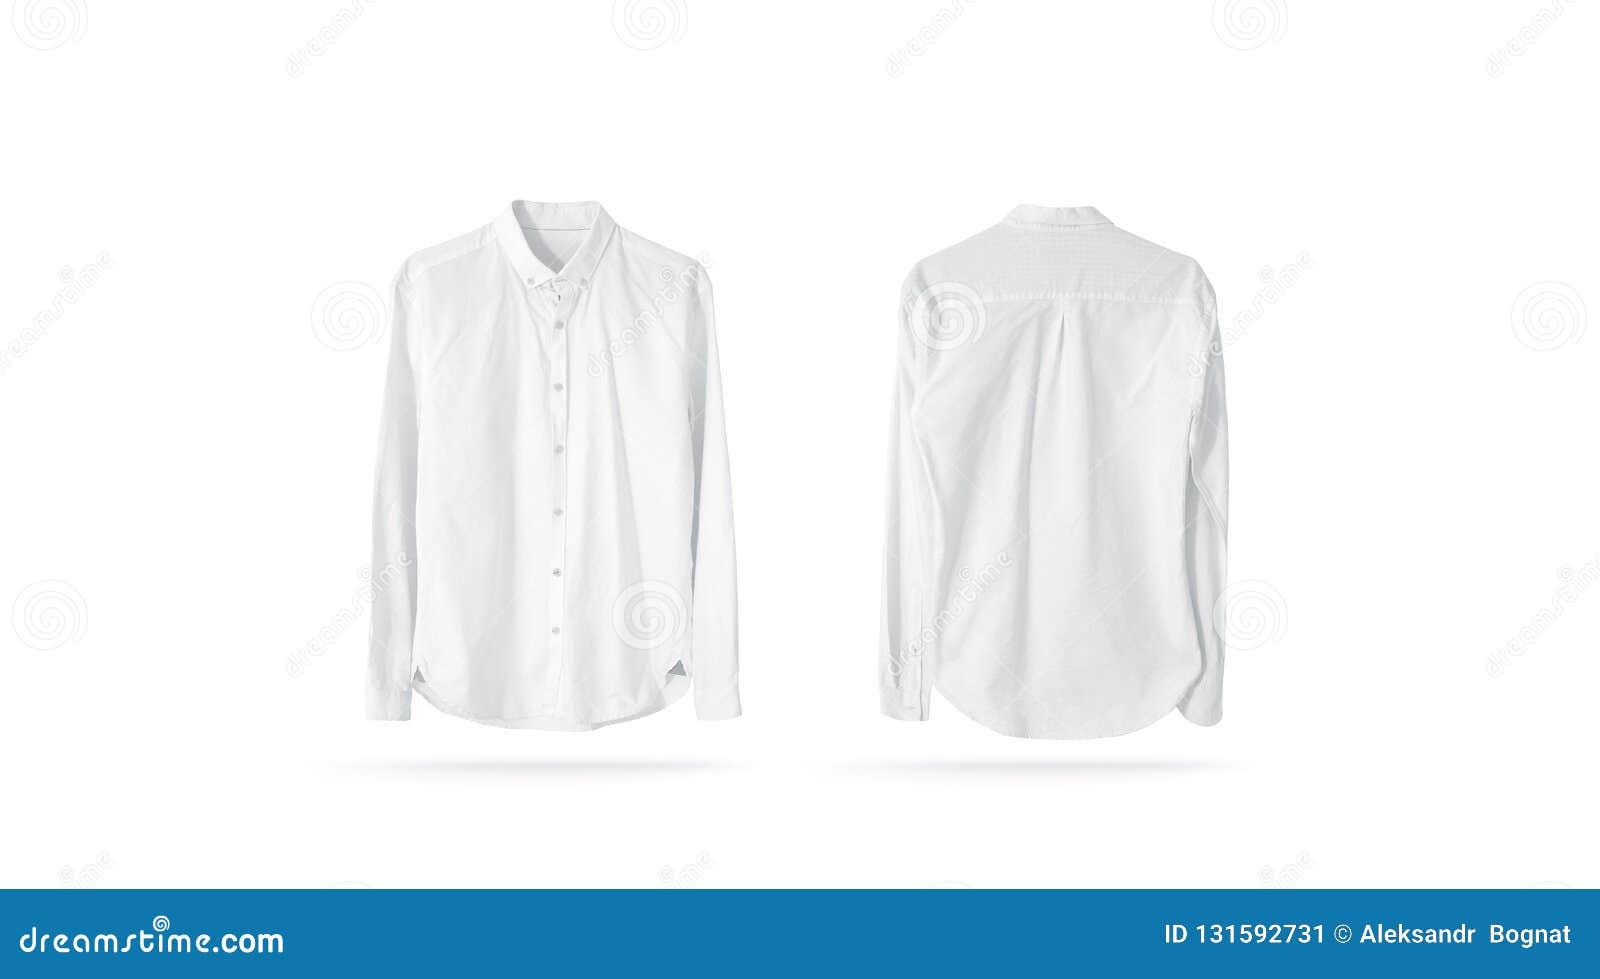 47458c8b49 Maqueta para hombre clásica blanca de la camisa del espacio en blanco